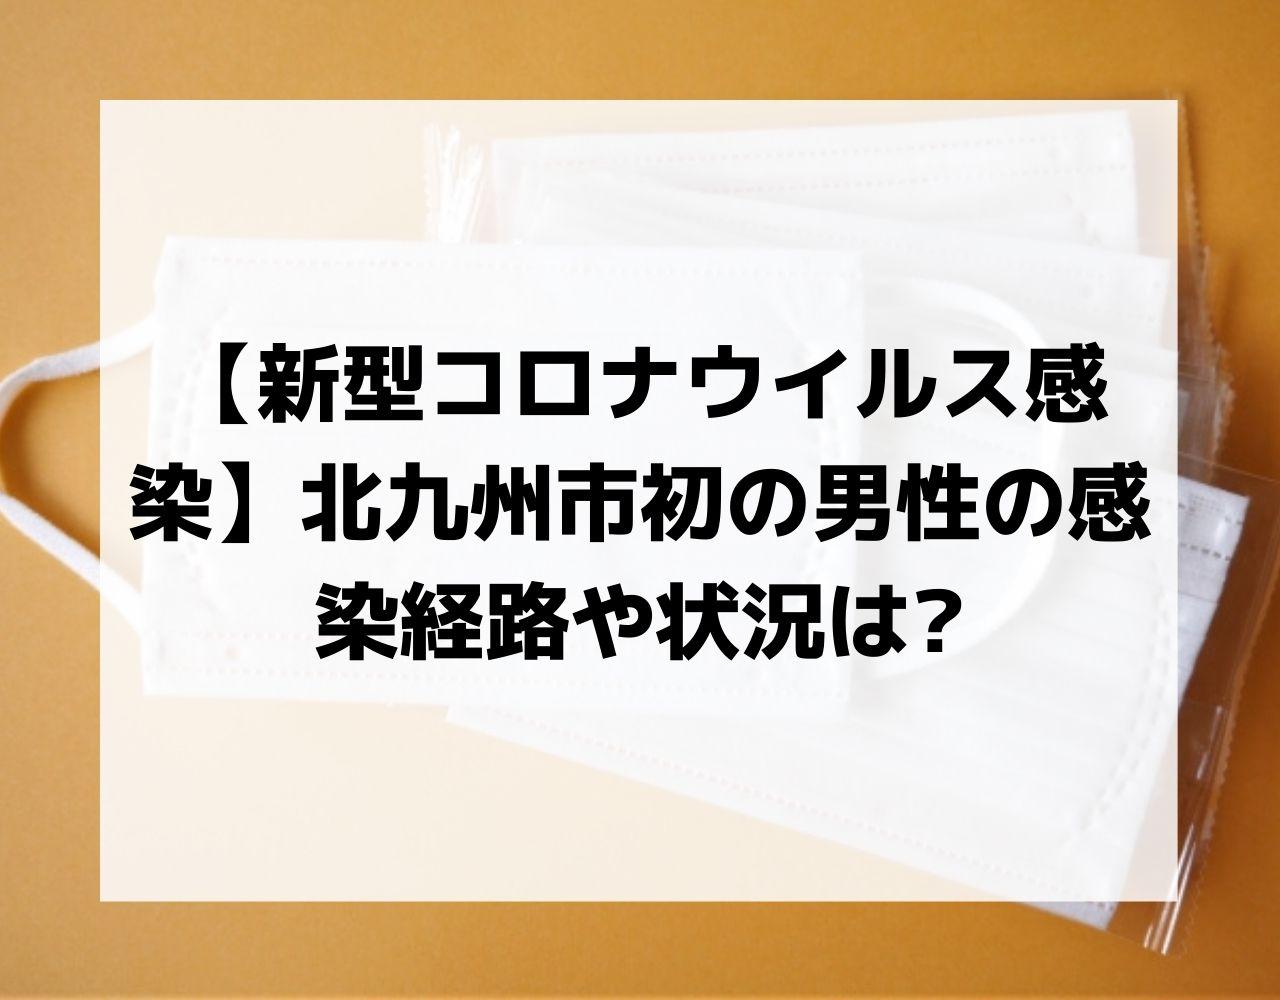 北九州 コロナ 詳細